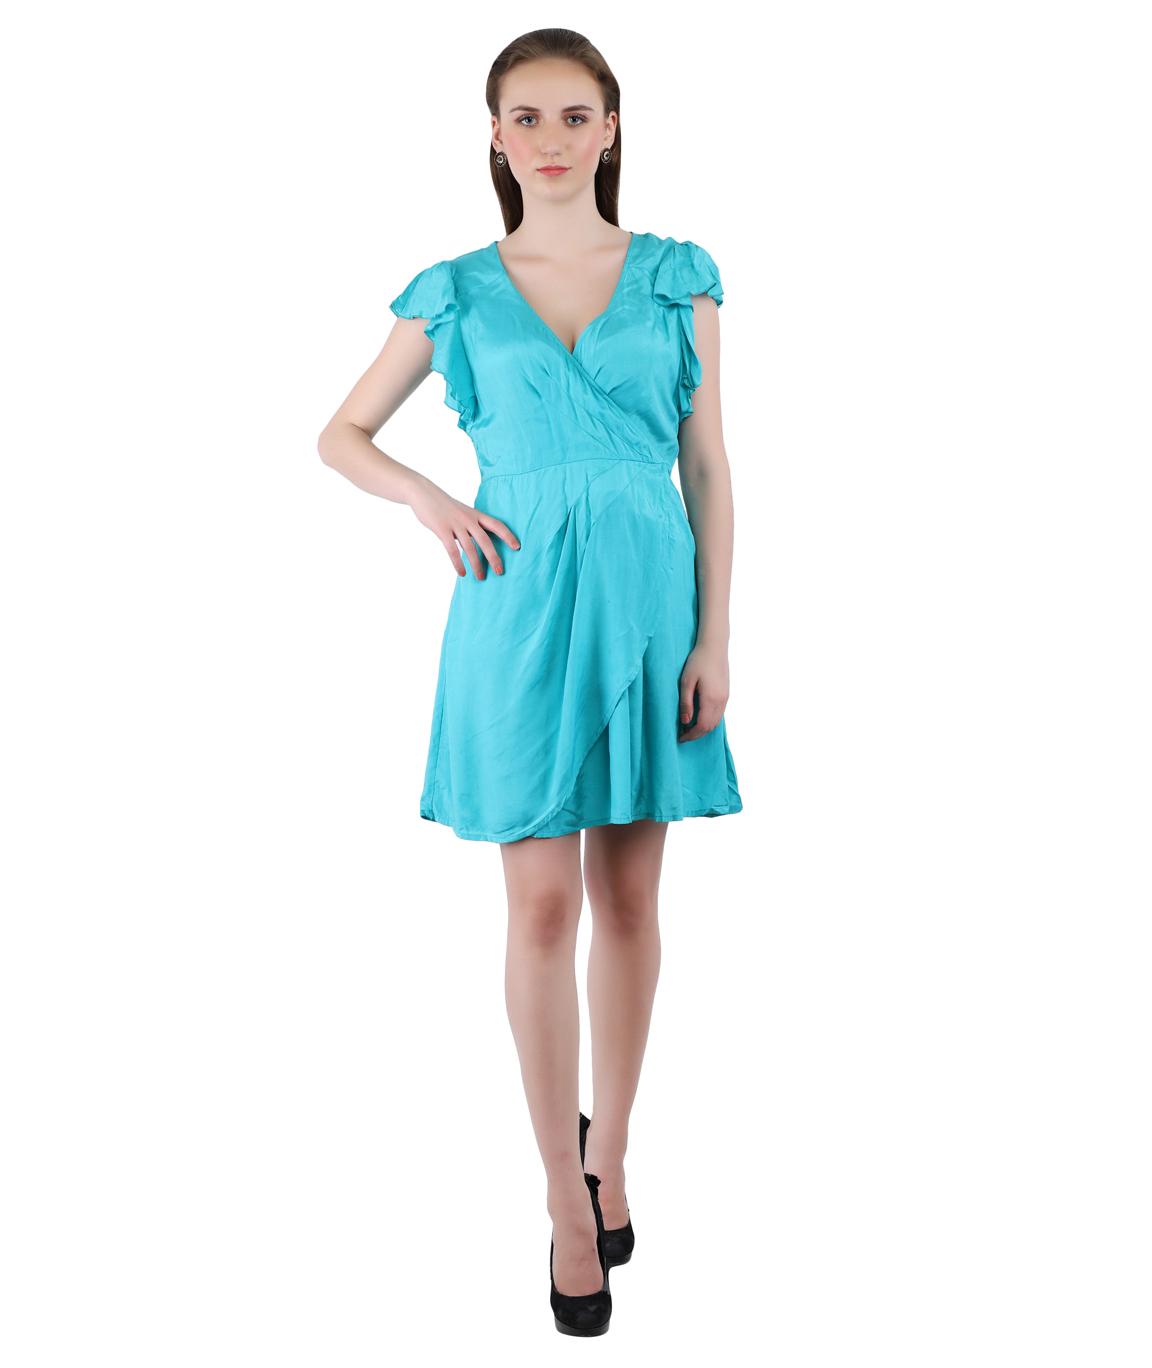 Swag women Middi dress for Women